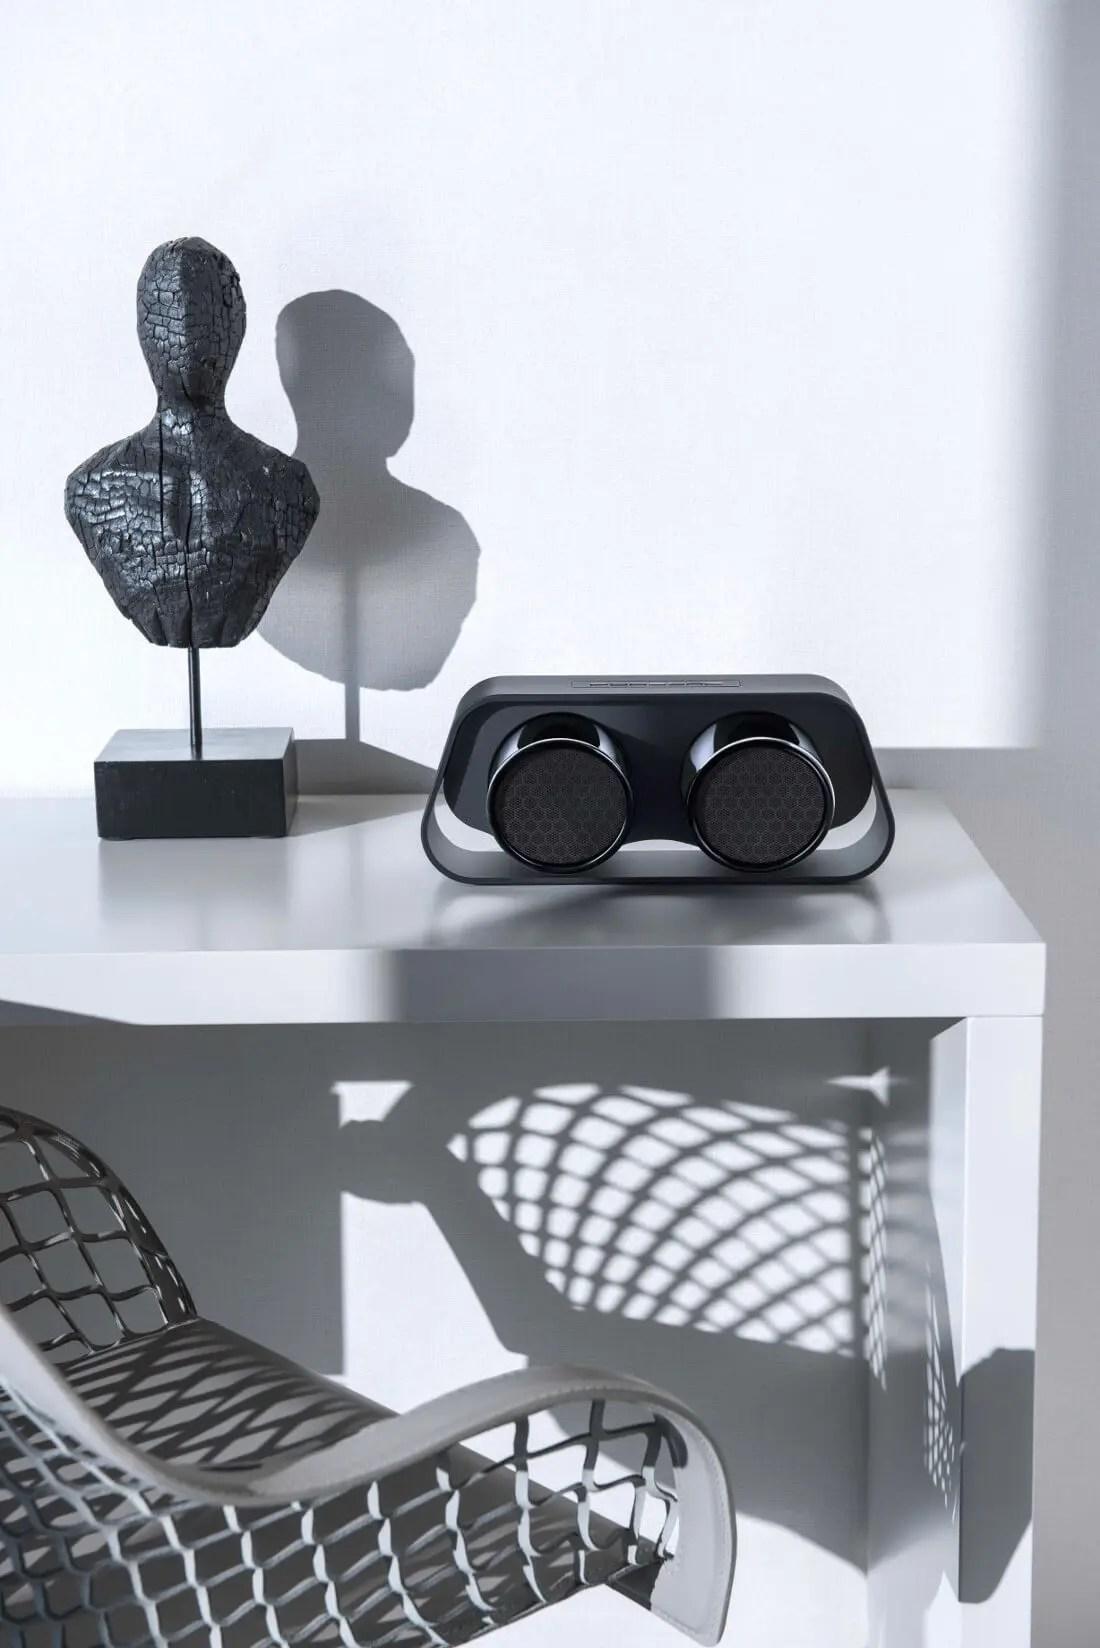 porsche-design_911-speaker_10